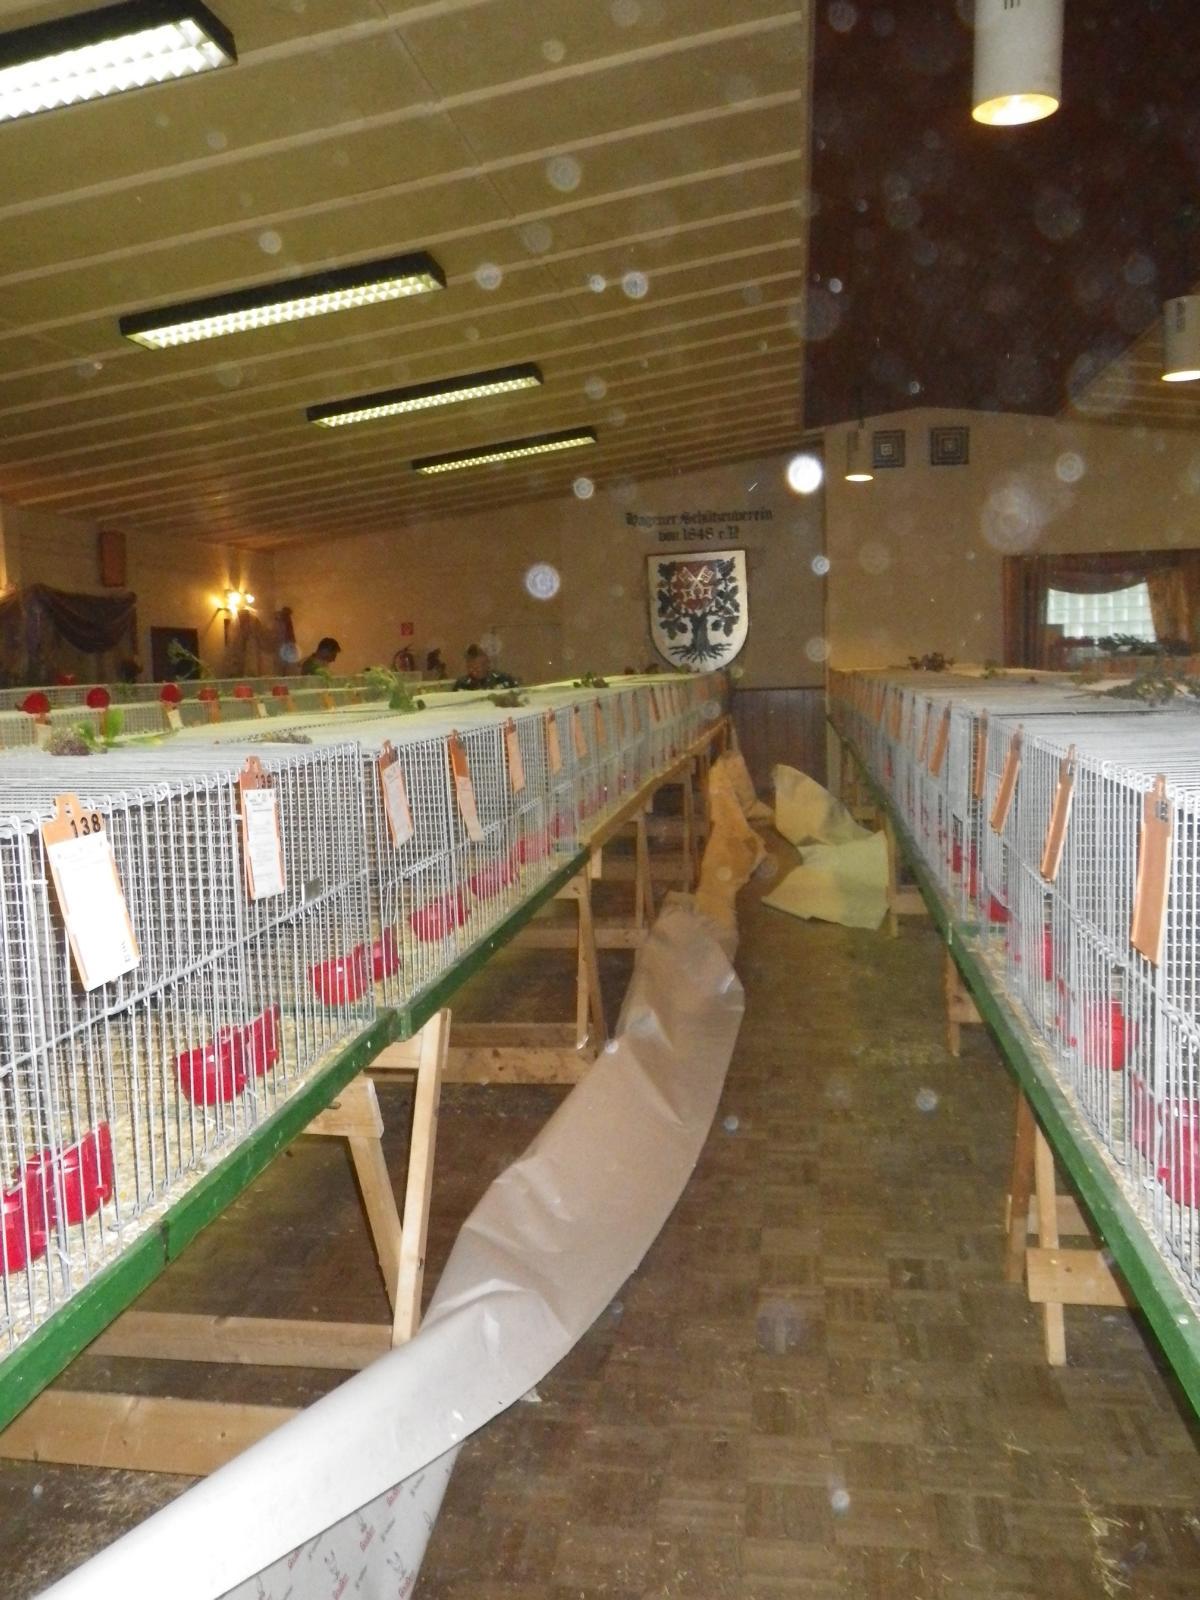 Noch während die letzten Besucher auf dem Heimweg sind, wurden bereits die Tiere wieder eingepackt und in ihre Ställe gebracht.